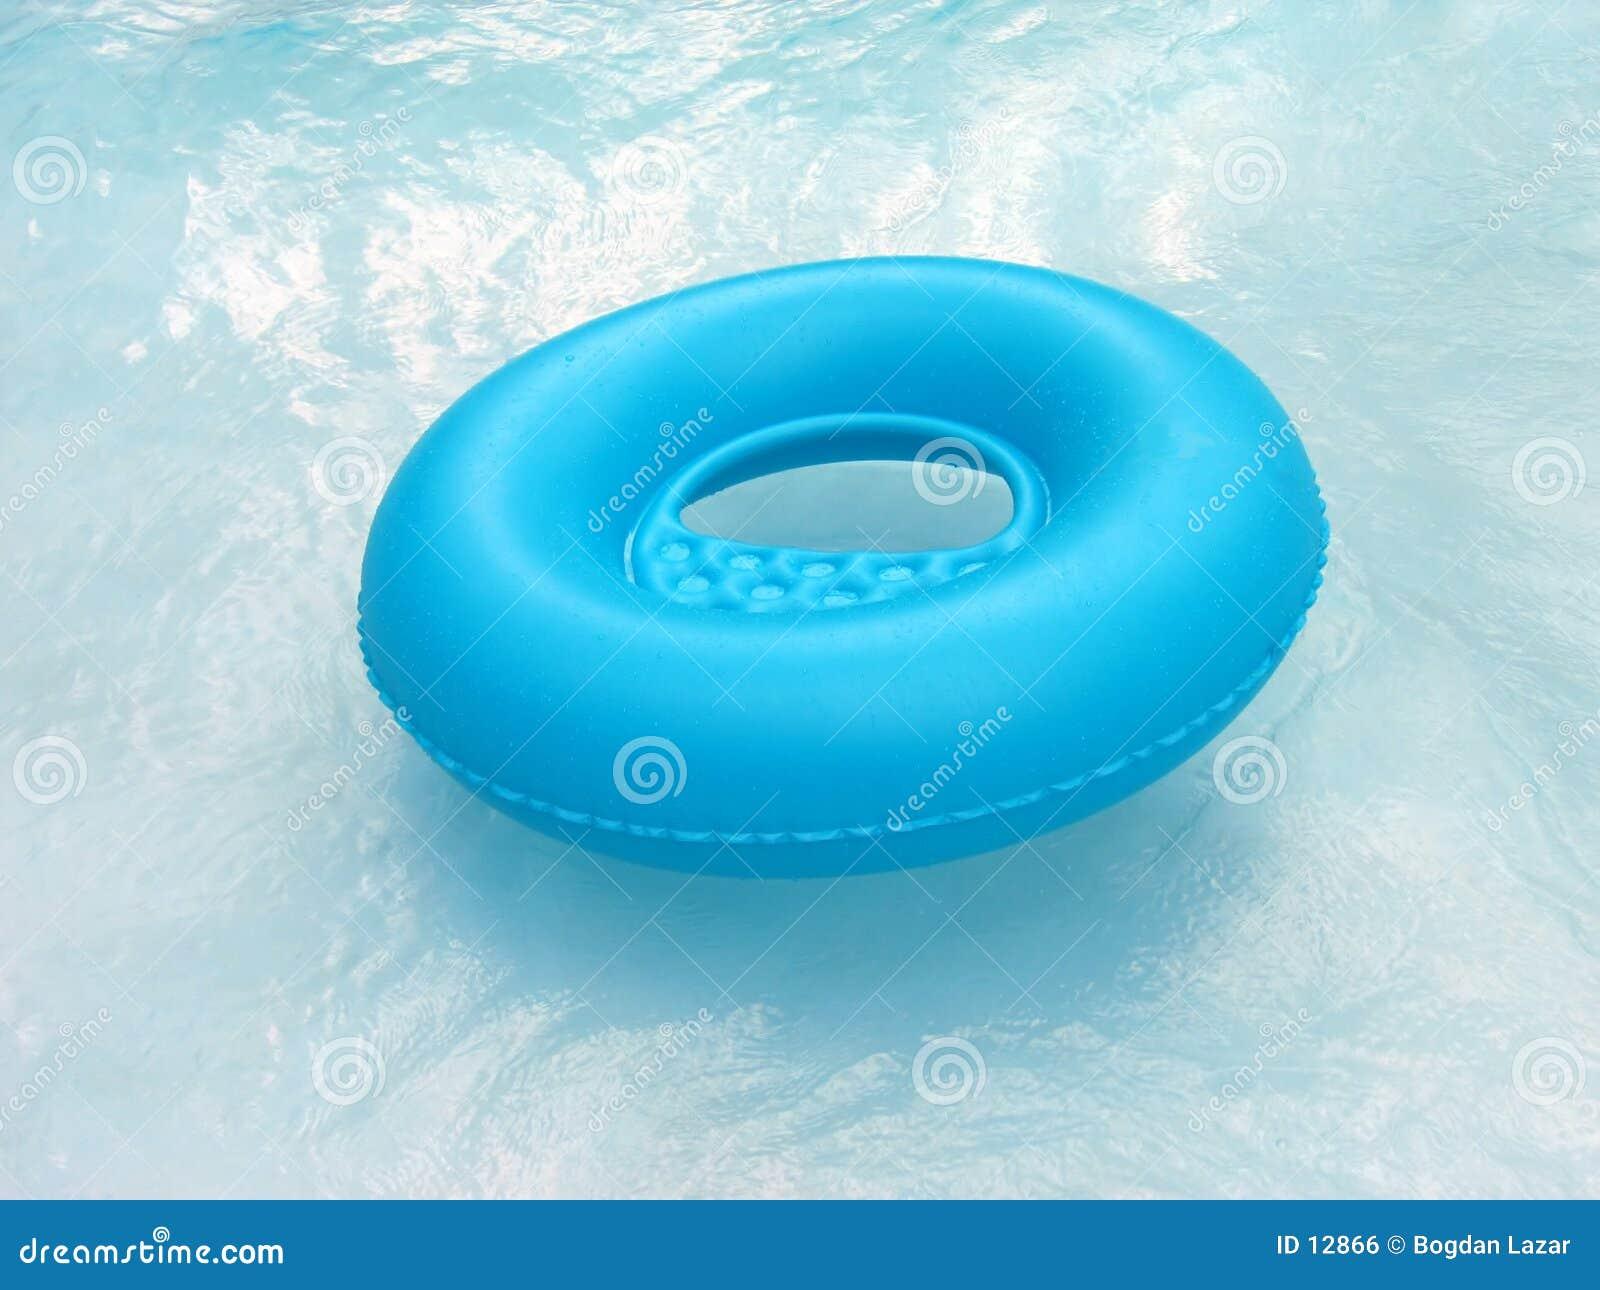 Blå lifebuoy pöl